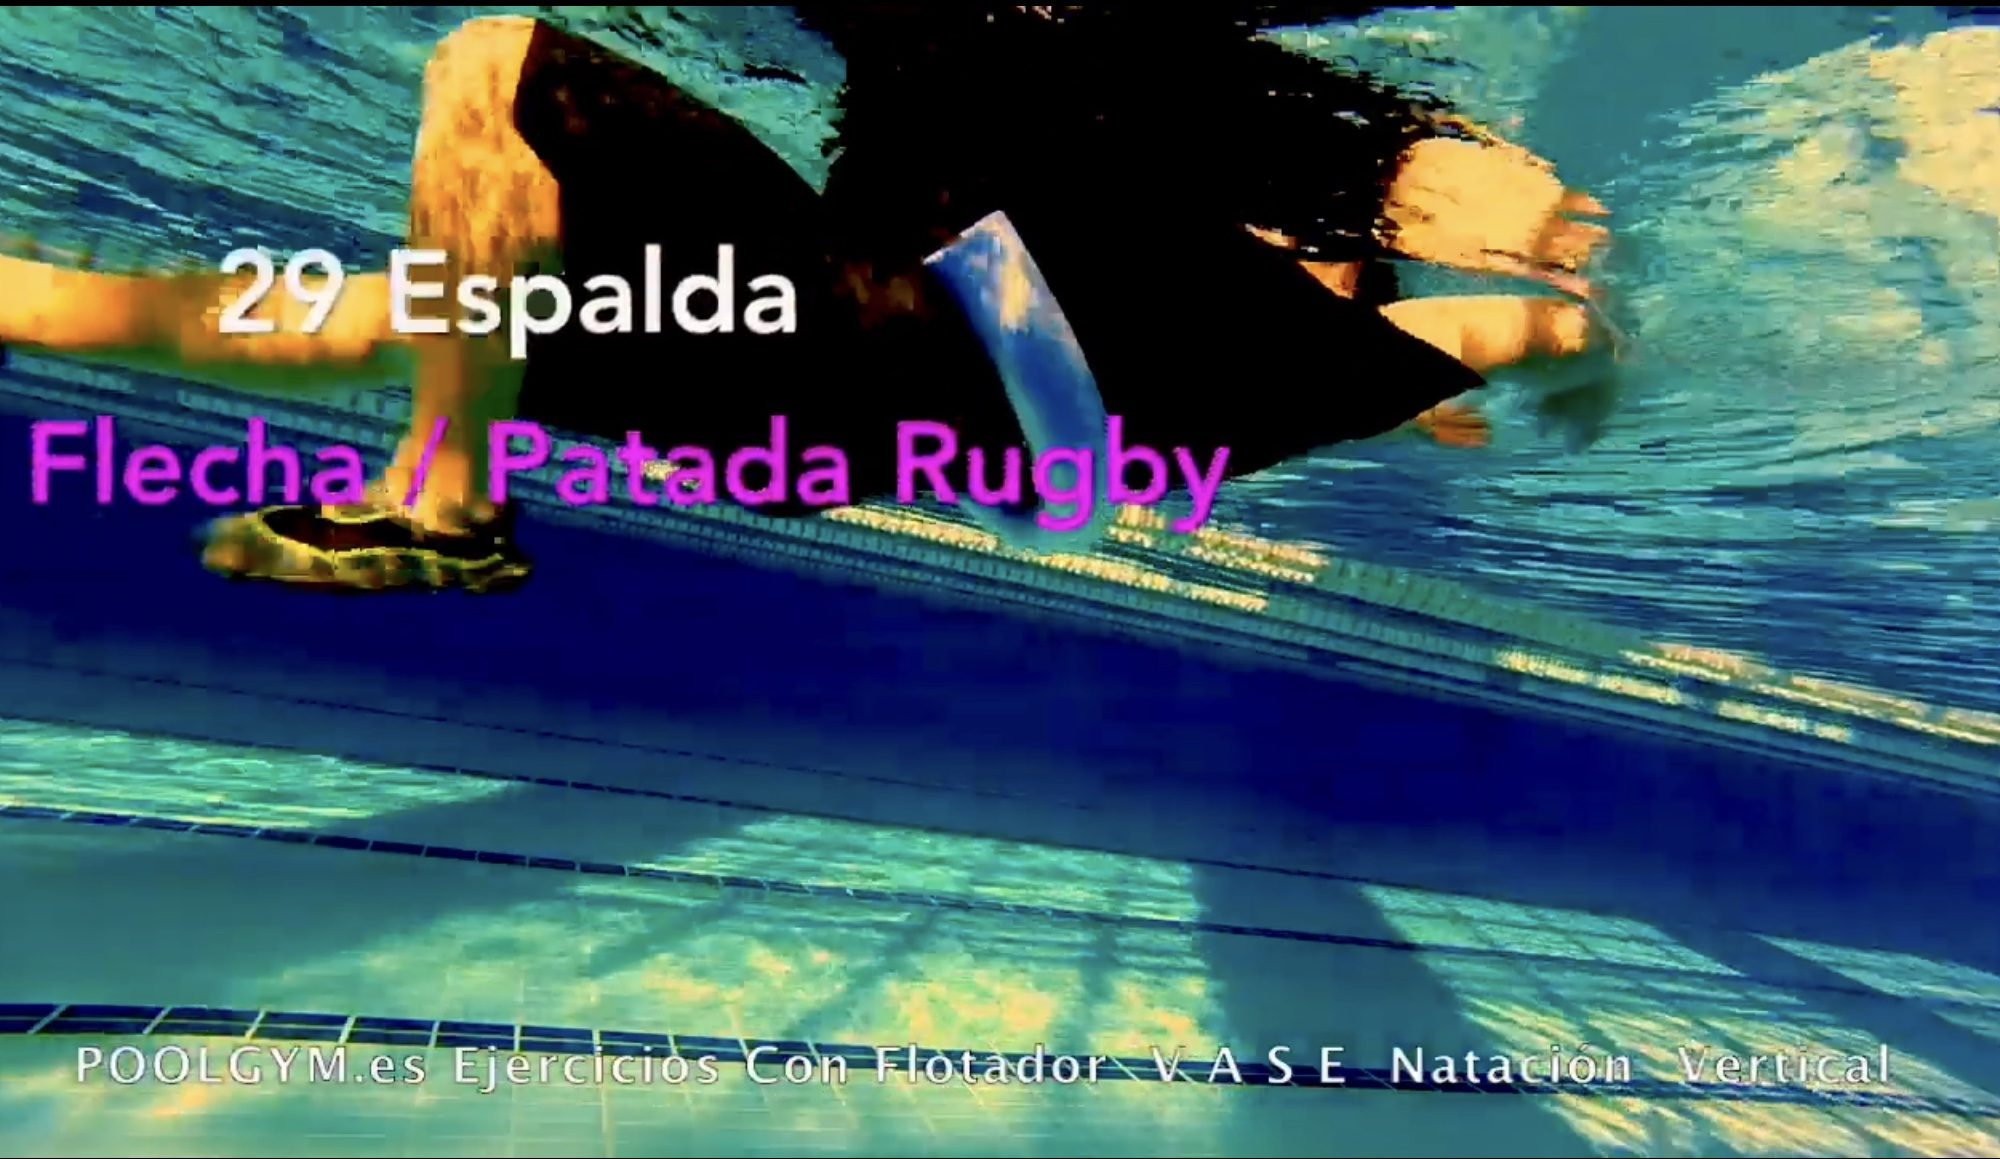 29 Espalda FLECHA PATADA DE RUGBY poolgym.ES